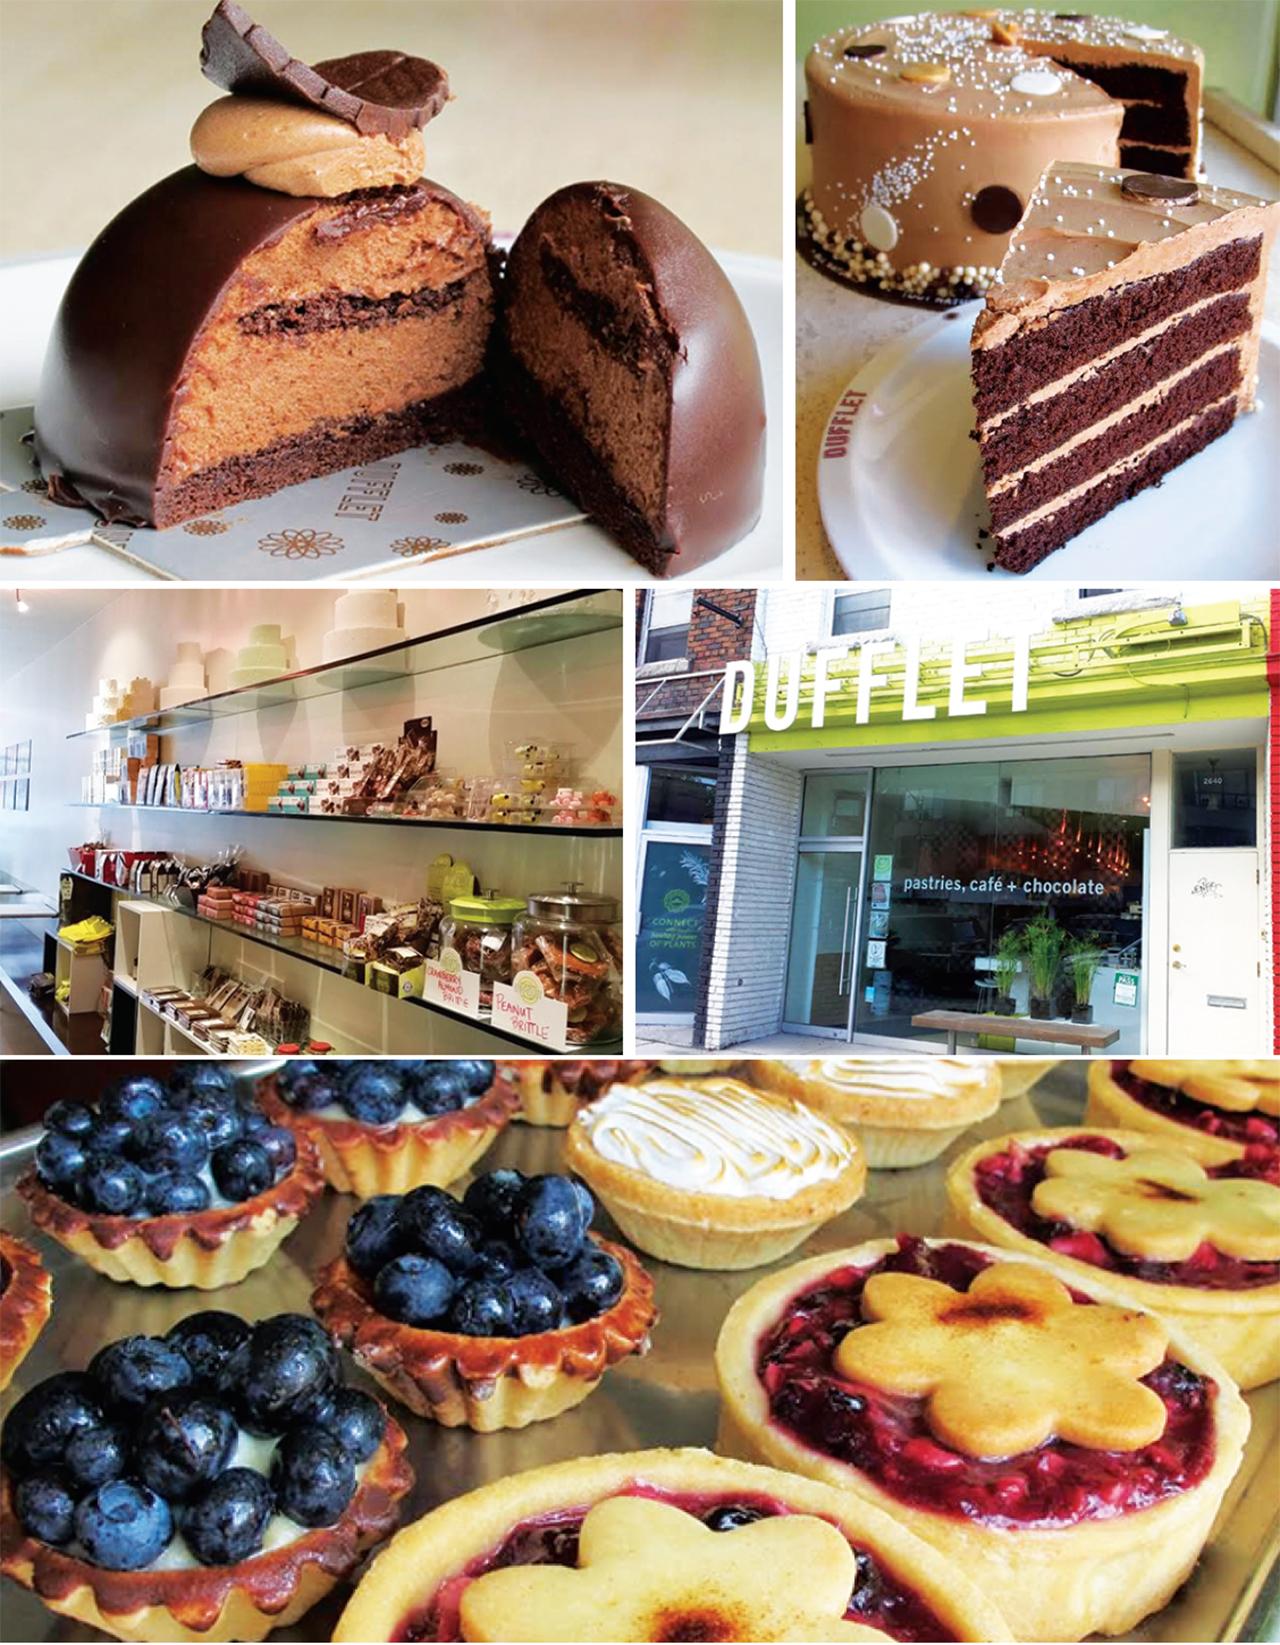 左上:濃厚なチョコレートを楽しめるケーキ 右上:可愛らしいデコレーションがされたホールケーキ  左中:ケーキ以外のチョコレートなども販売している   右中: 大きなDUFFLETが目印  下:フルーツがふんだんに使われたタルト